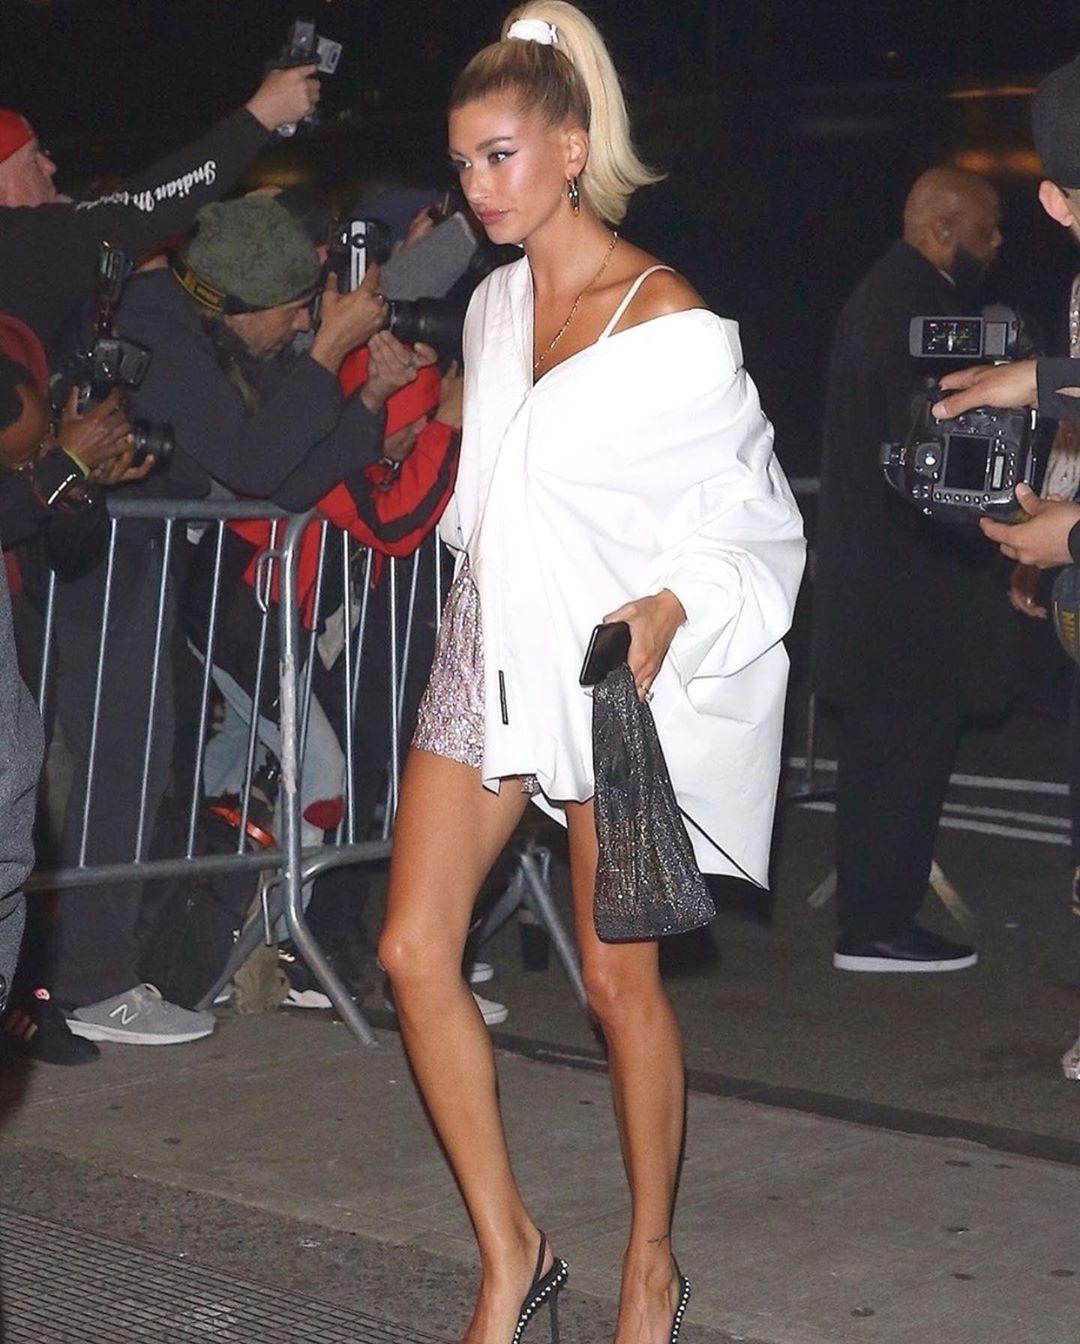 小賈斯汀的太太Hailey Bieber手拎wangloc mini shopp...